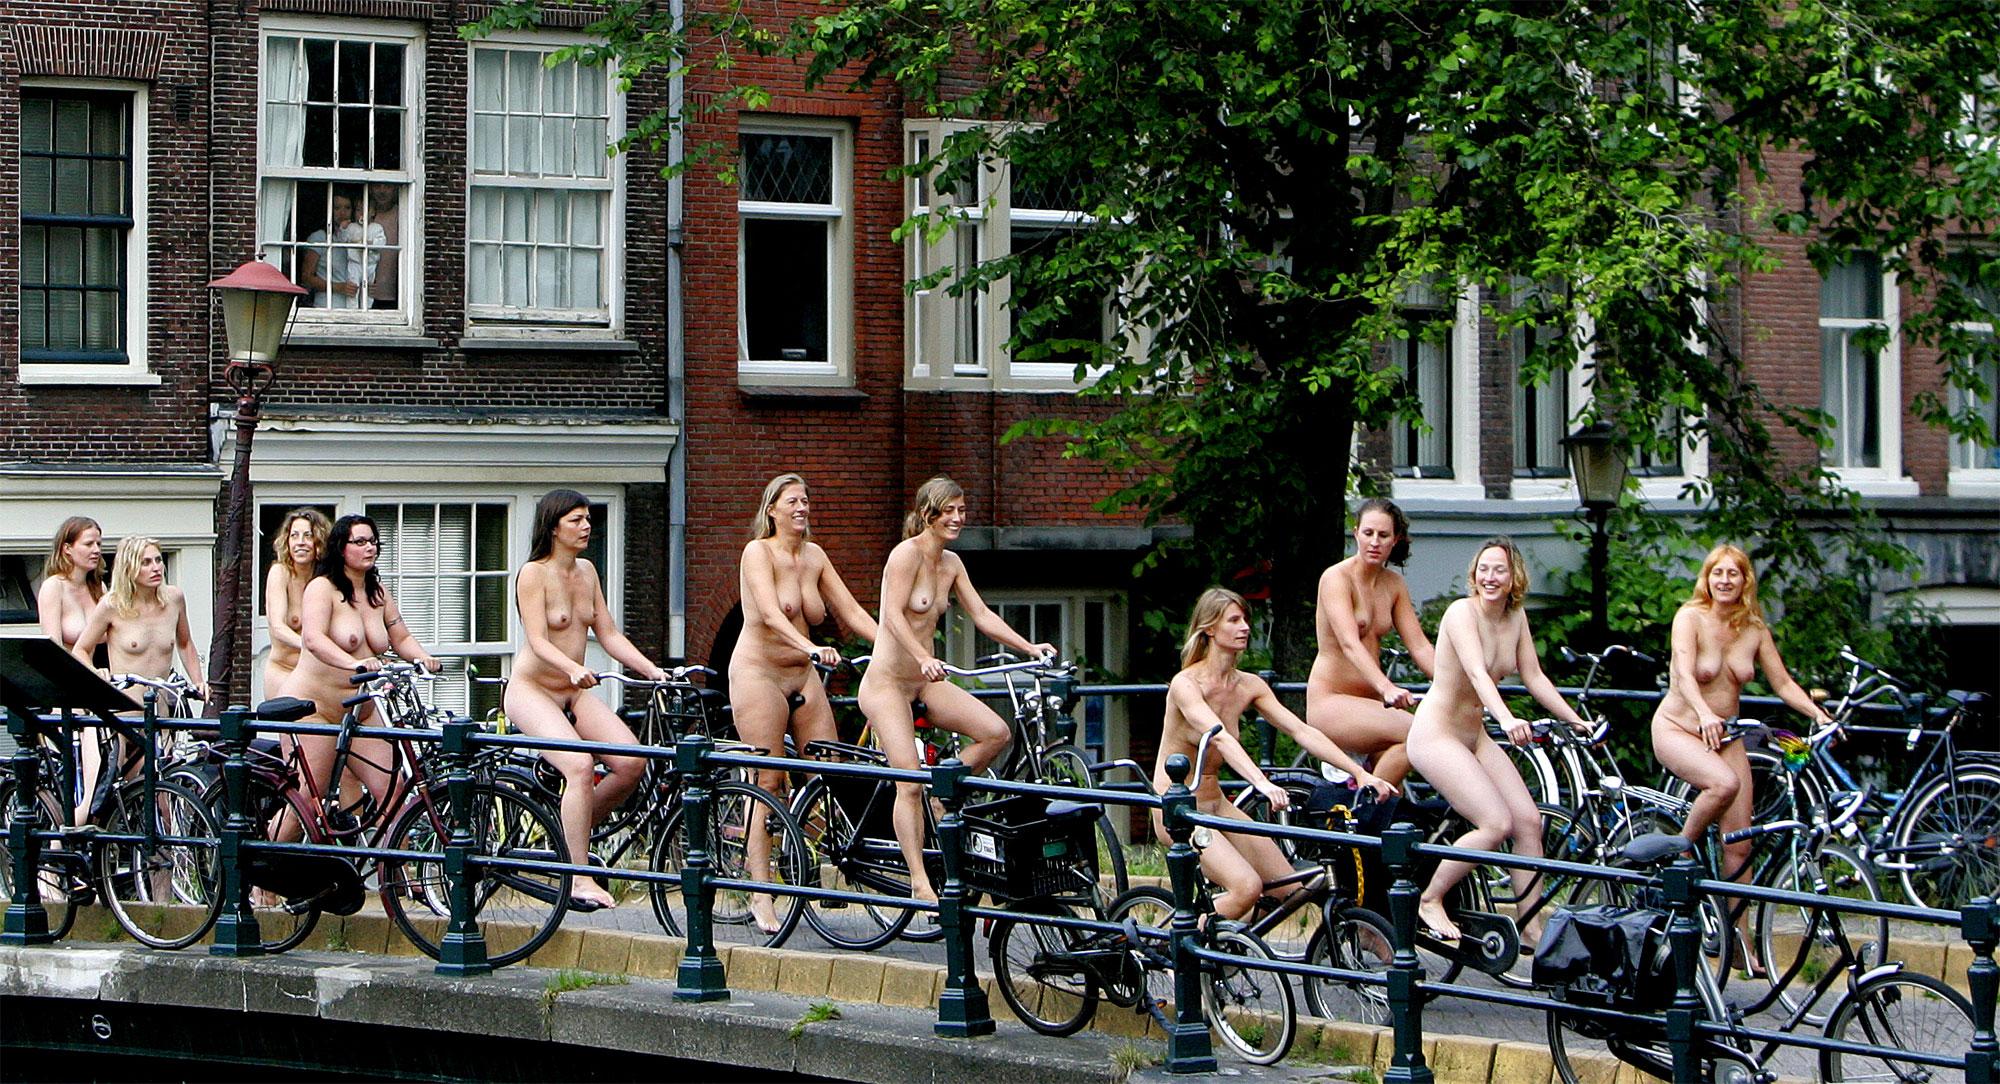 Х/ф велосипедистка 3 секс 1 фотография